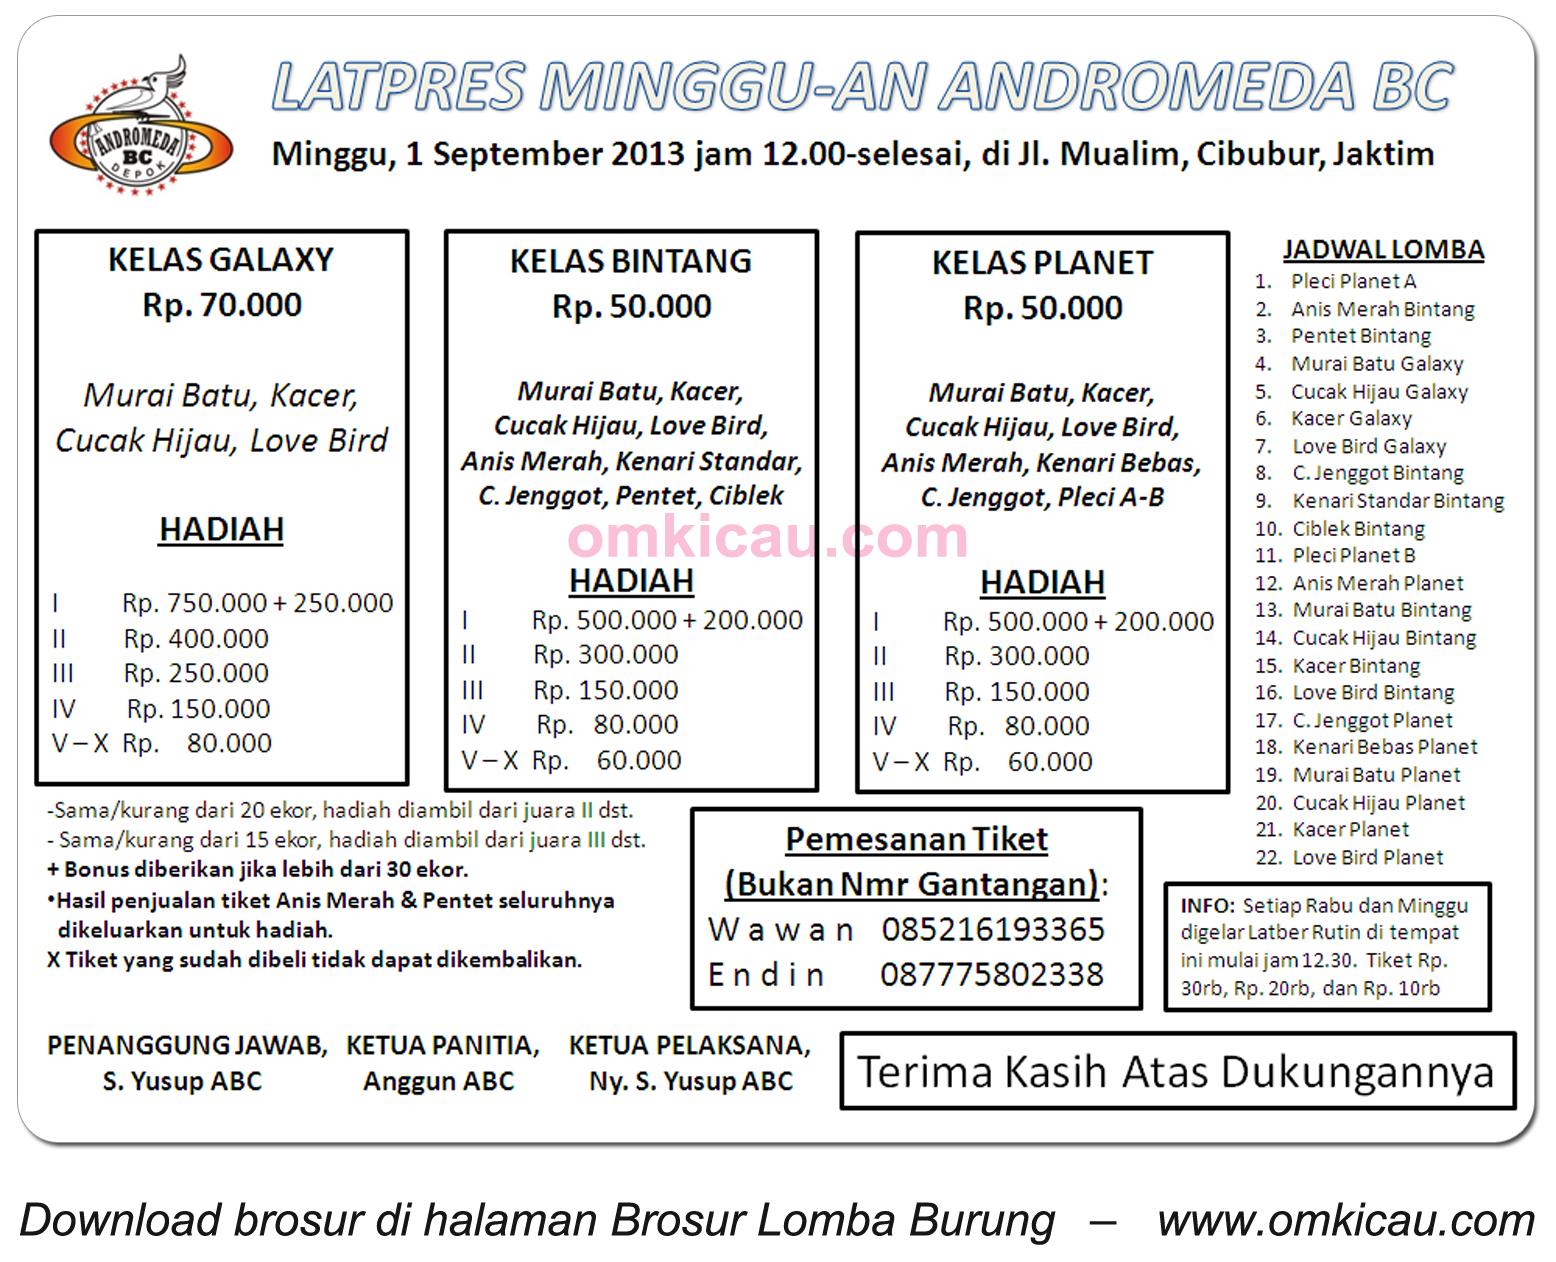 Brosur Latpres Mingguan Andromeda - Jakarta, 1 Sept 2013